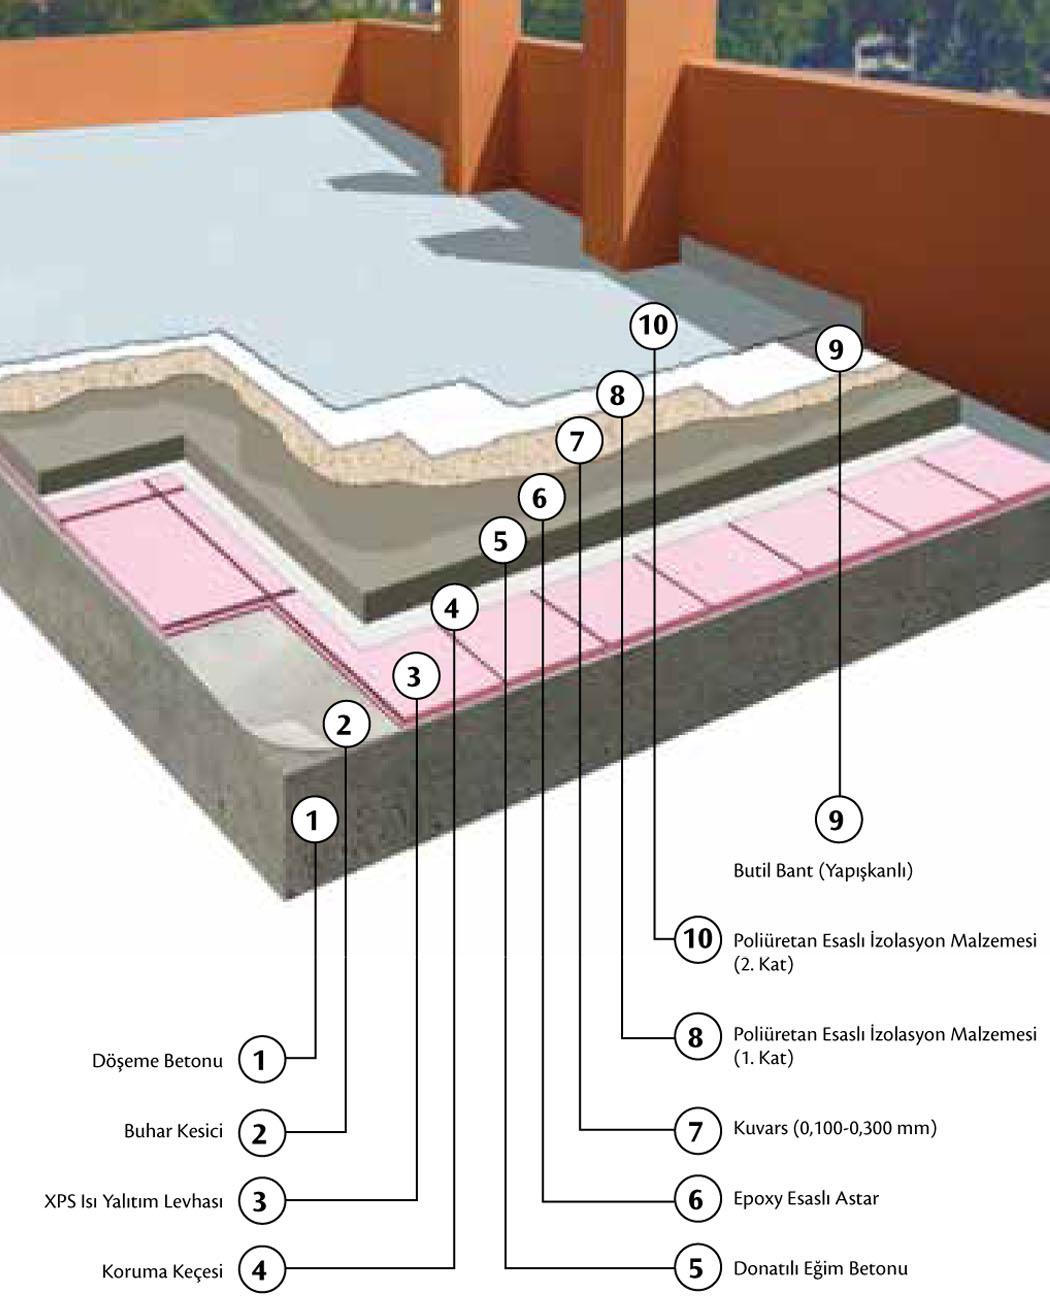 Teras izolasyonu nasıl yapılır